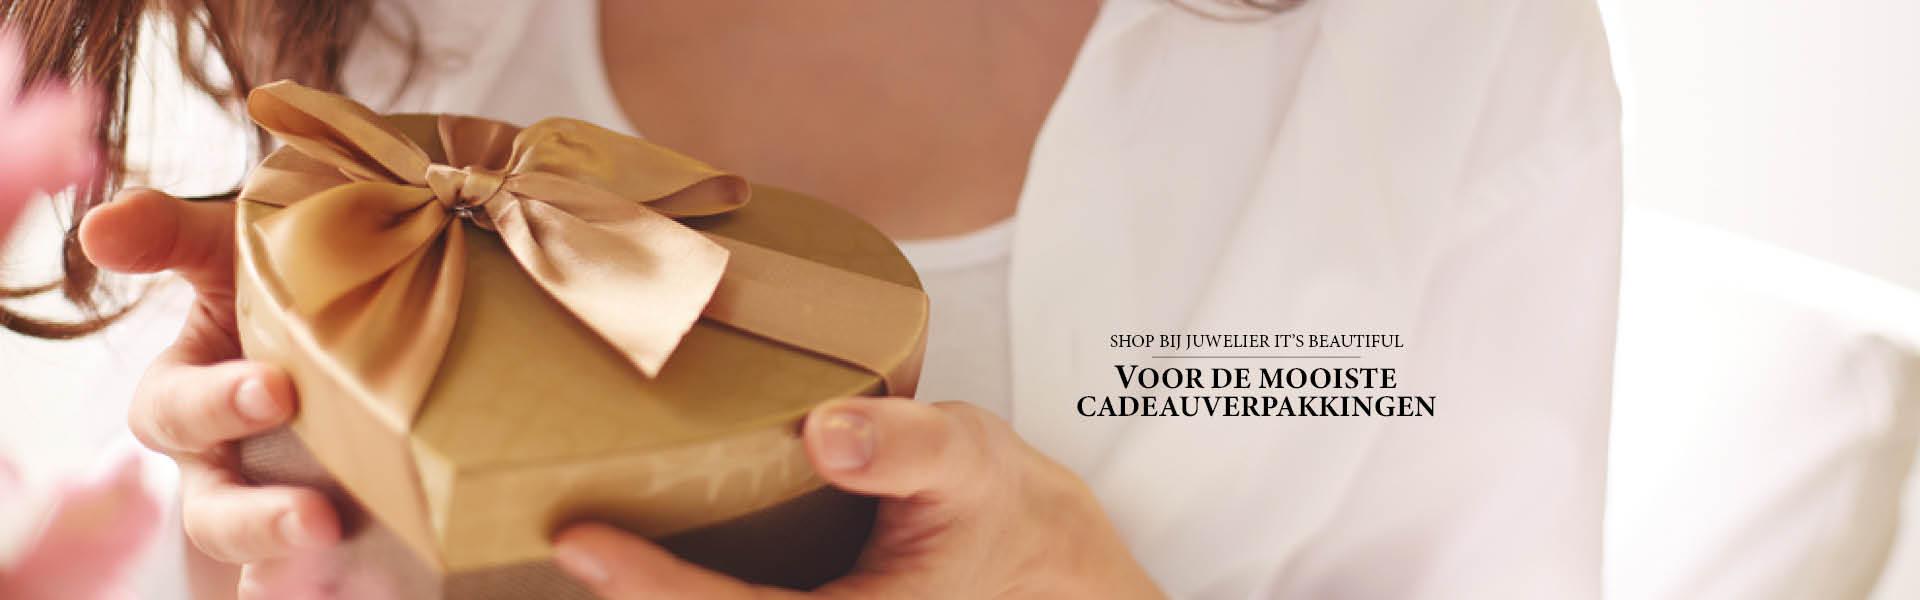 Cadeauverpakkingen